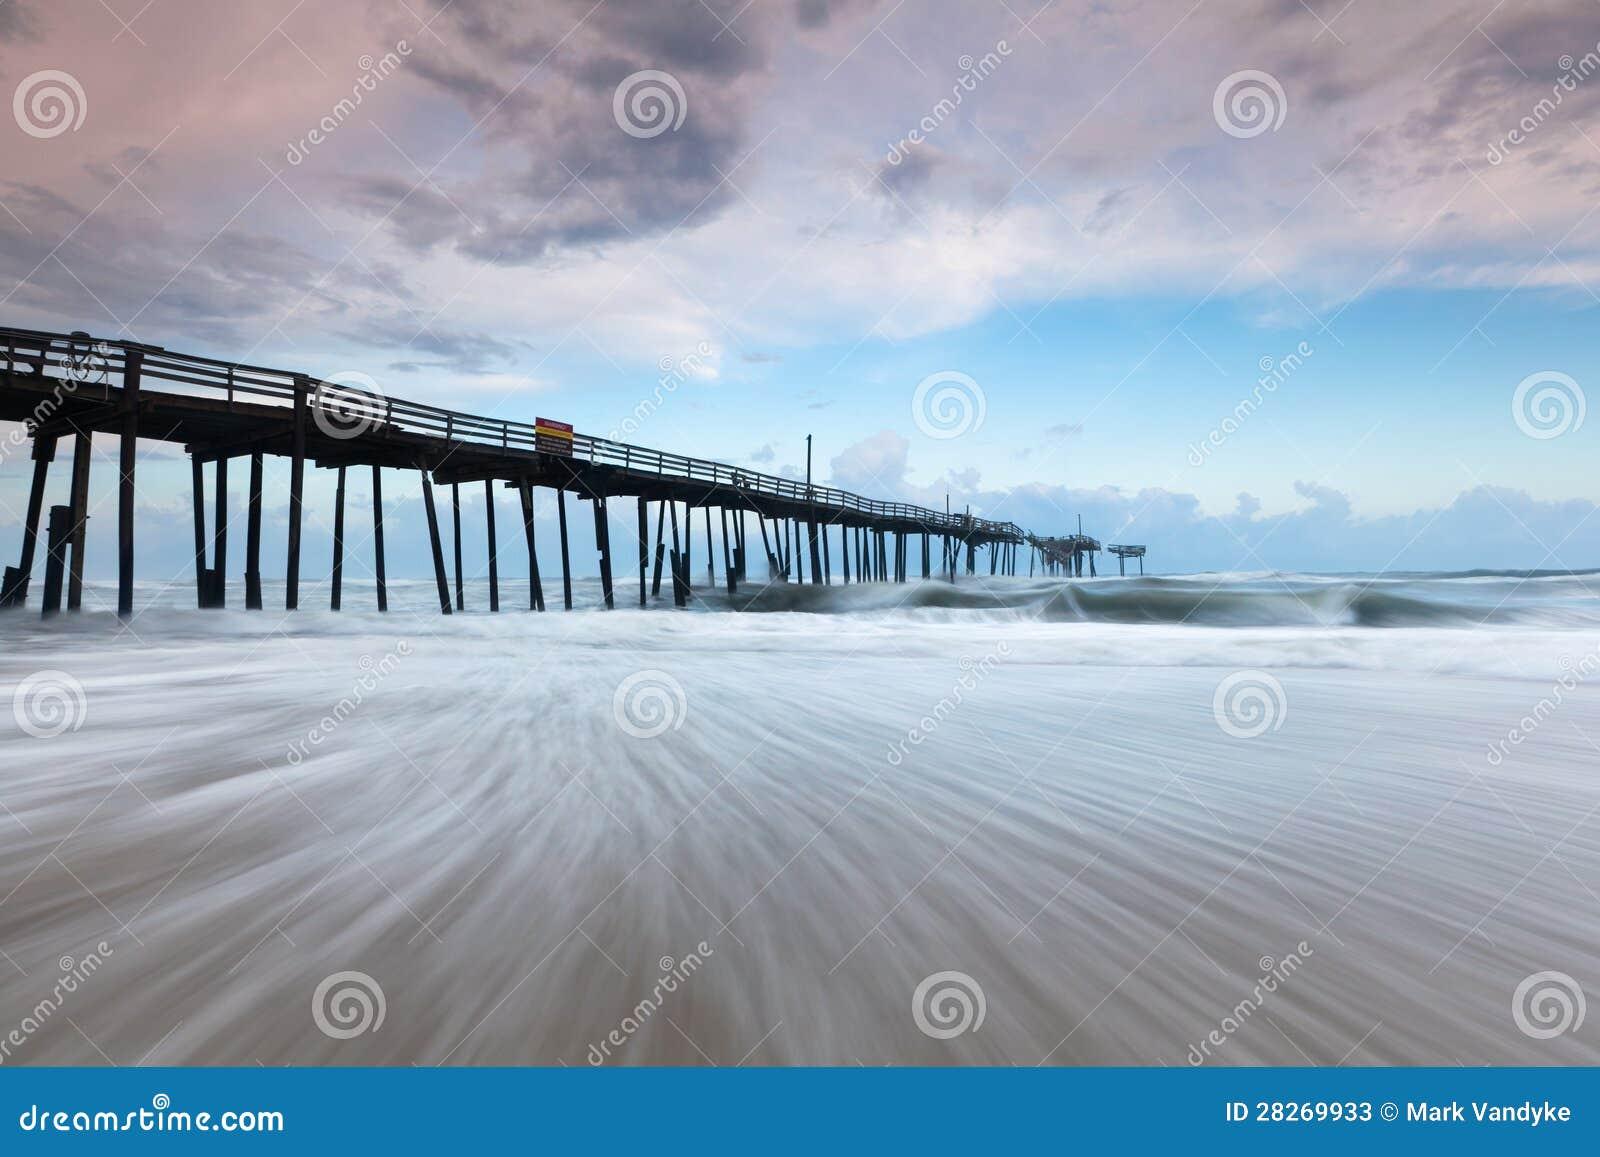 North Carolina-äußere Querneigungs-aufgegebener Fischen-Pier